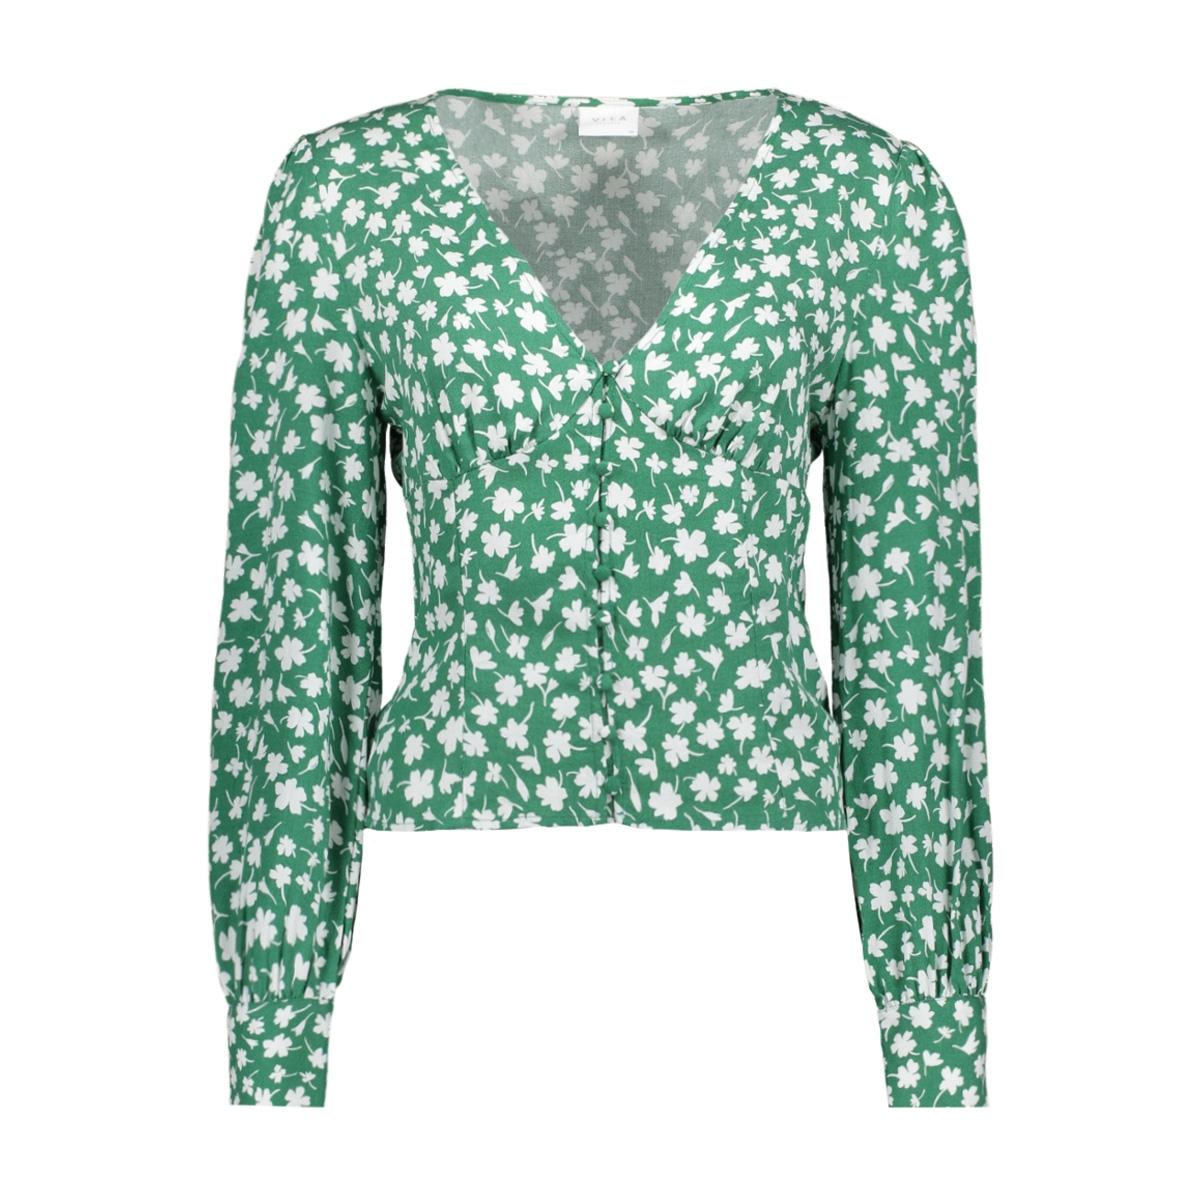 vikaili l/s top/ki 14053517 vila blouse fir